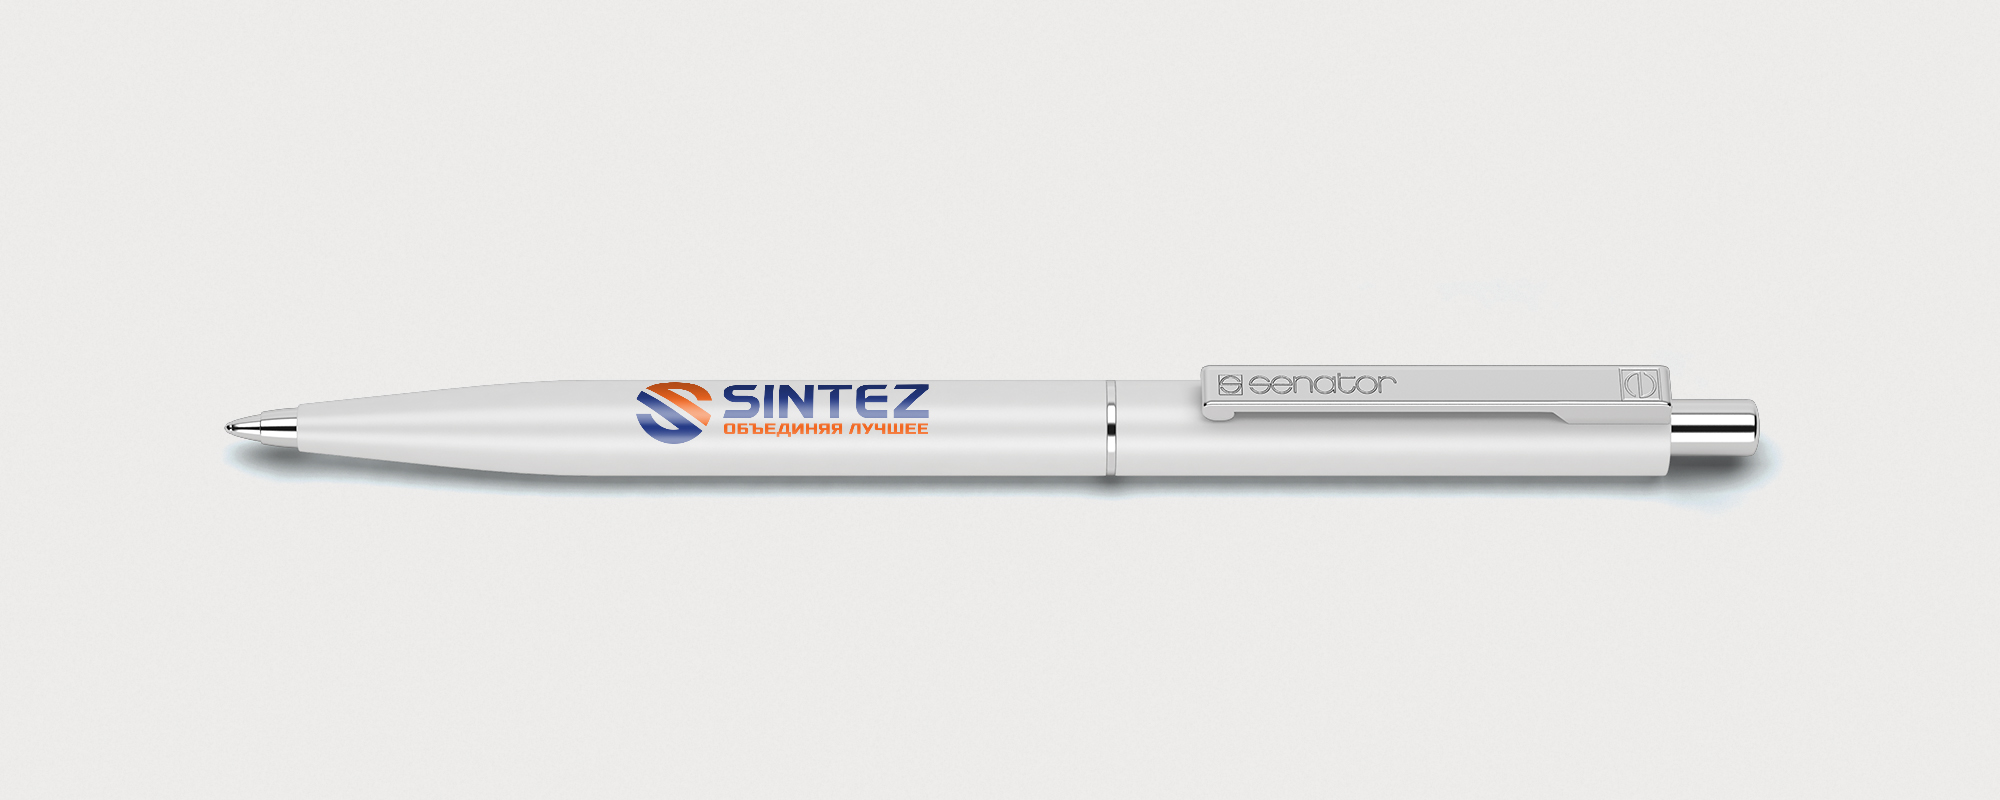 Разрабтка логотипа компании и фирменного шрифта фото f_8175f60b12db5831.jpg